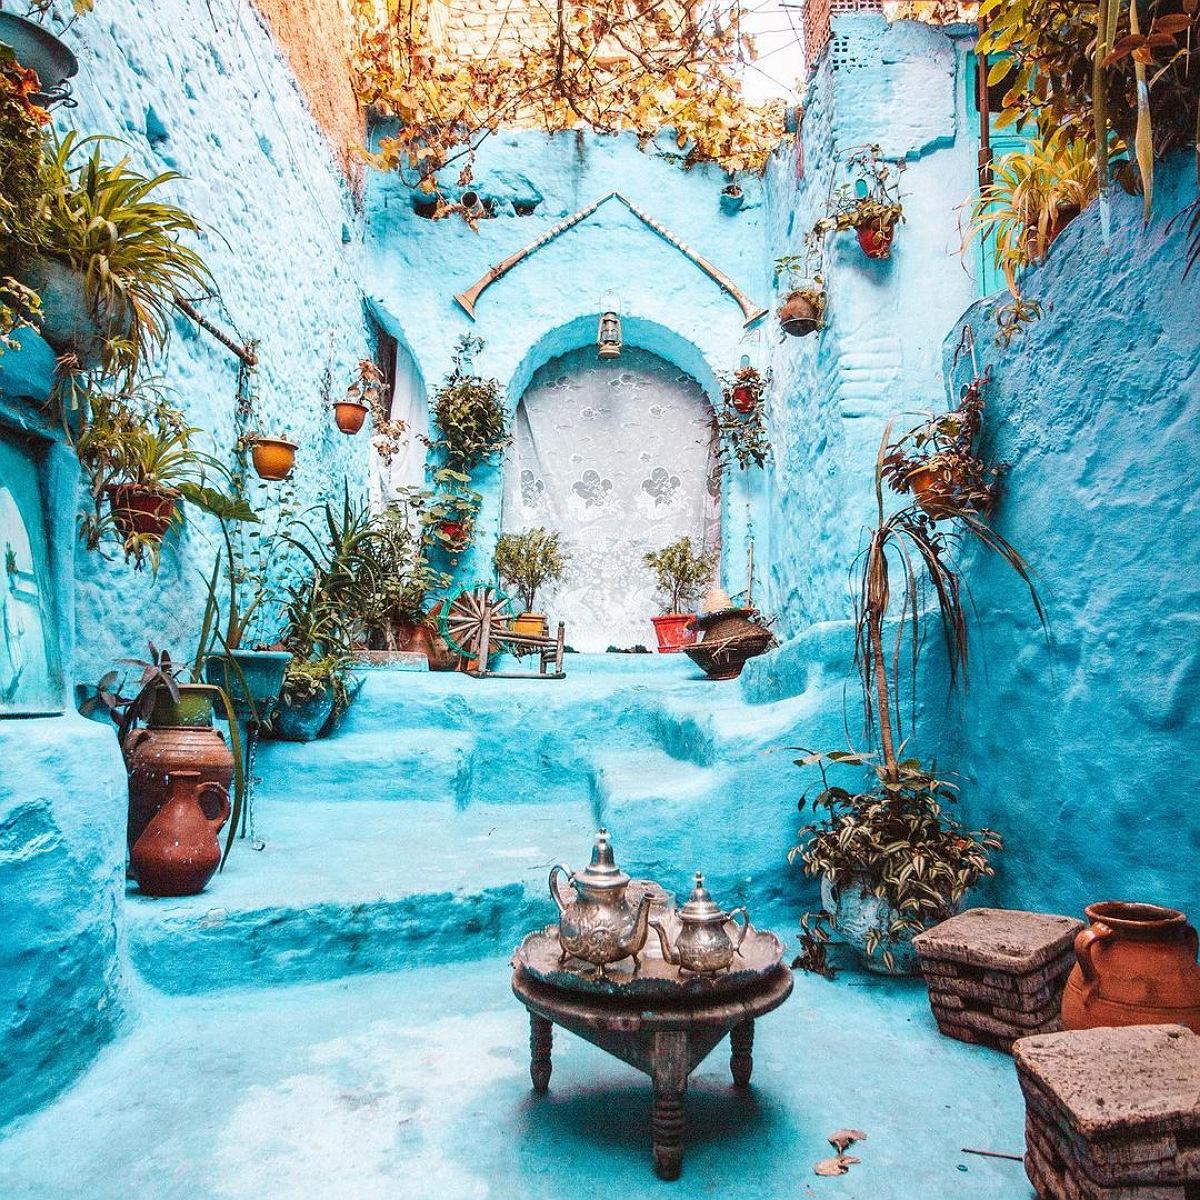 4 days tour from marrakech to chefchaouen via sahara desert